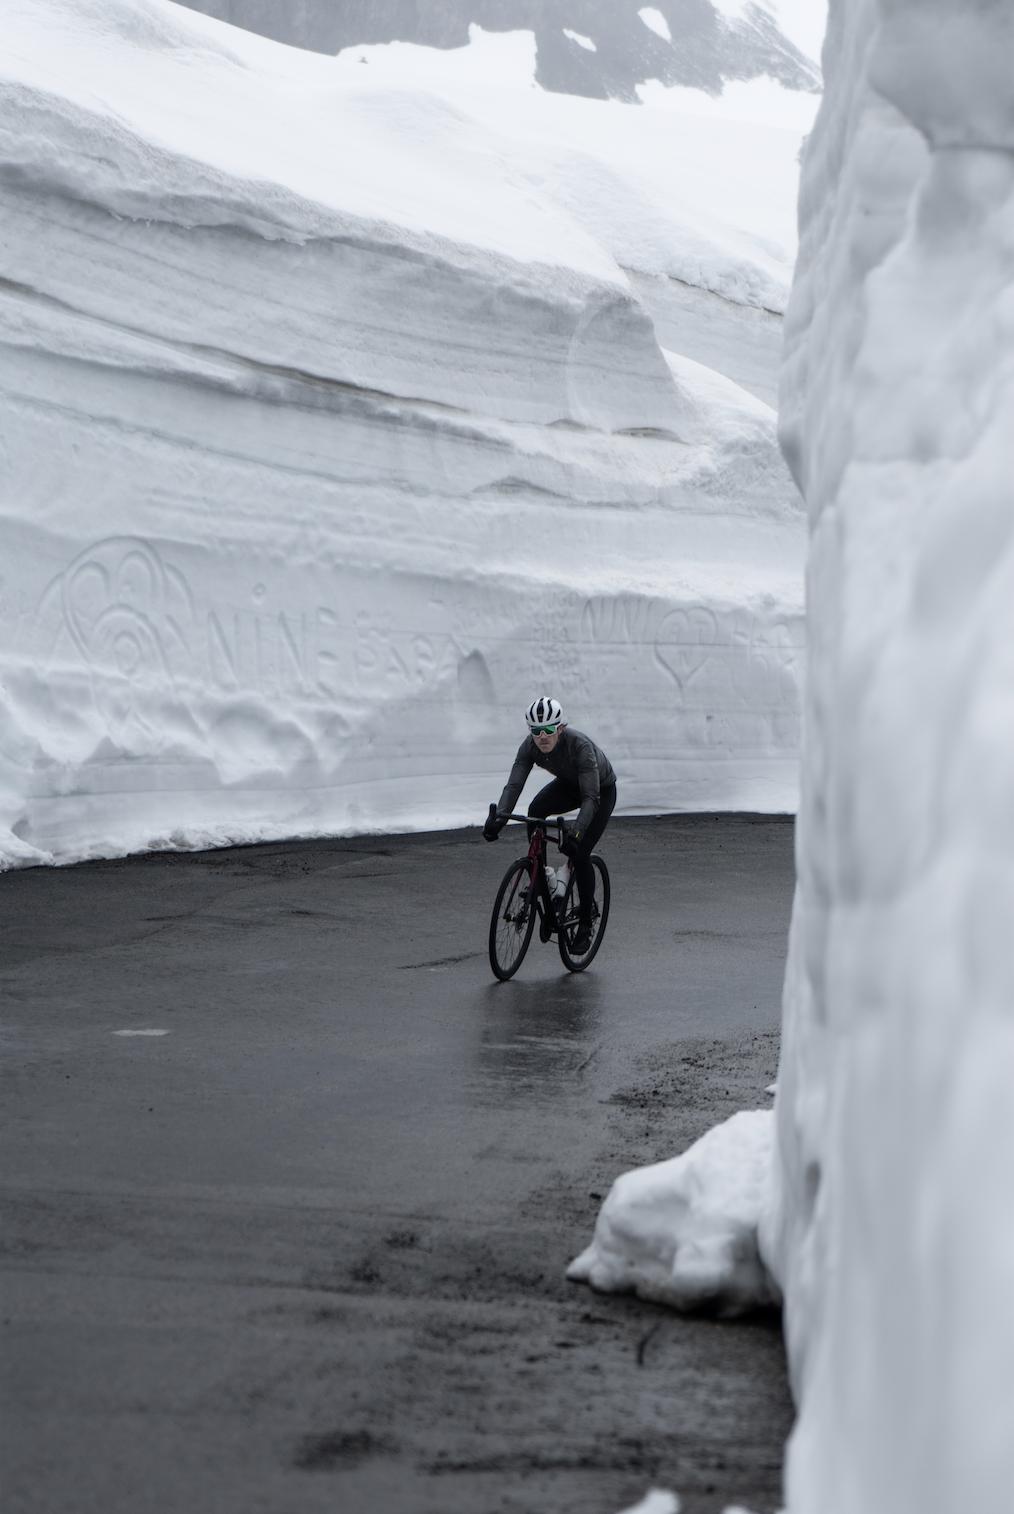 Cyclisme entrainement hiver